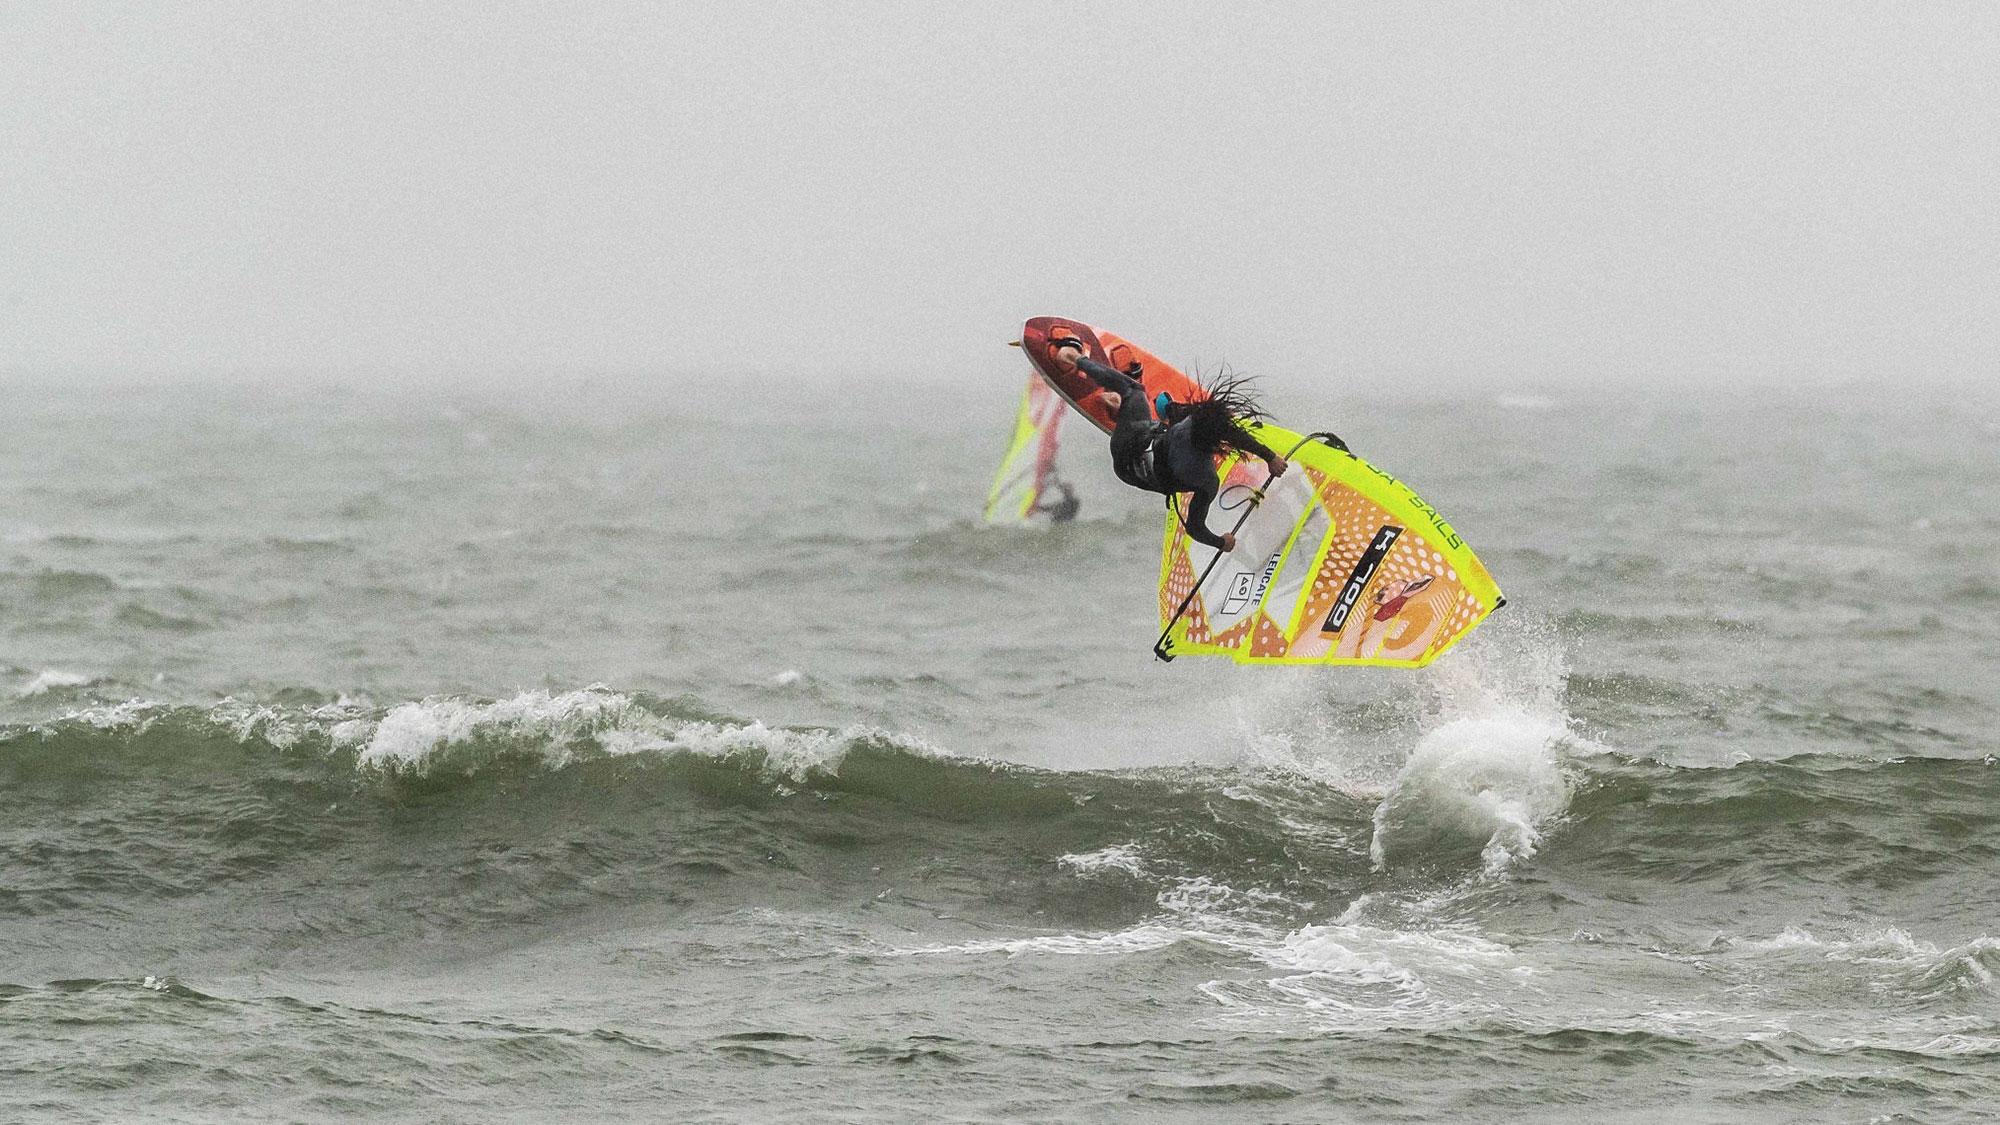 Nic Hibdige back on the water again